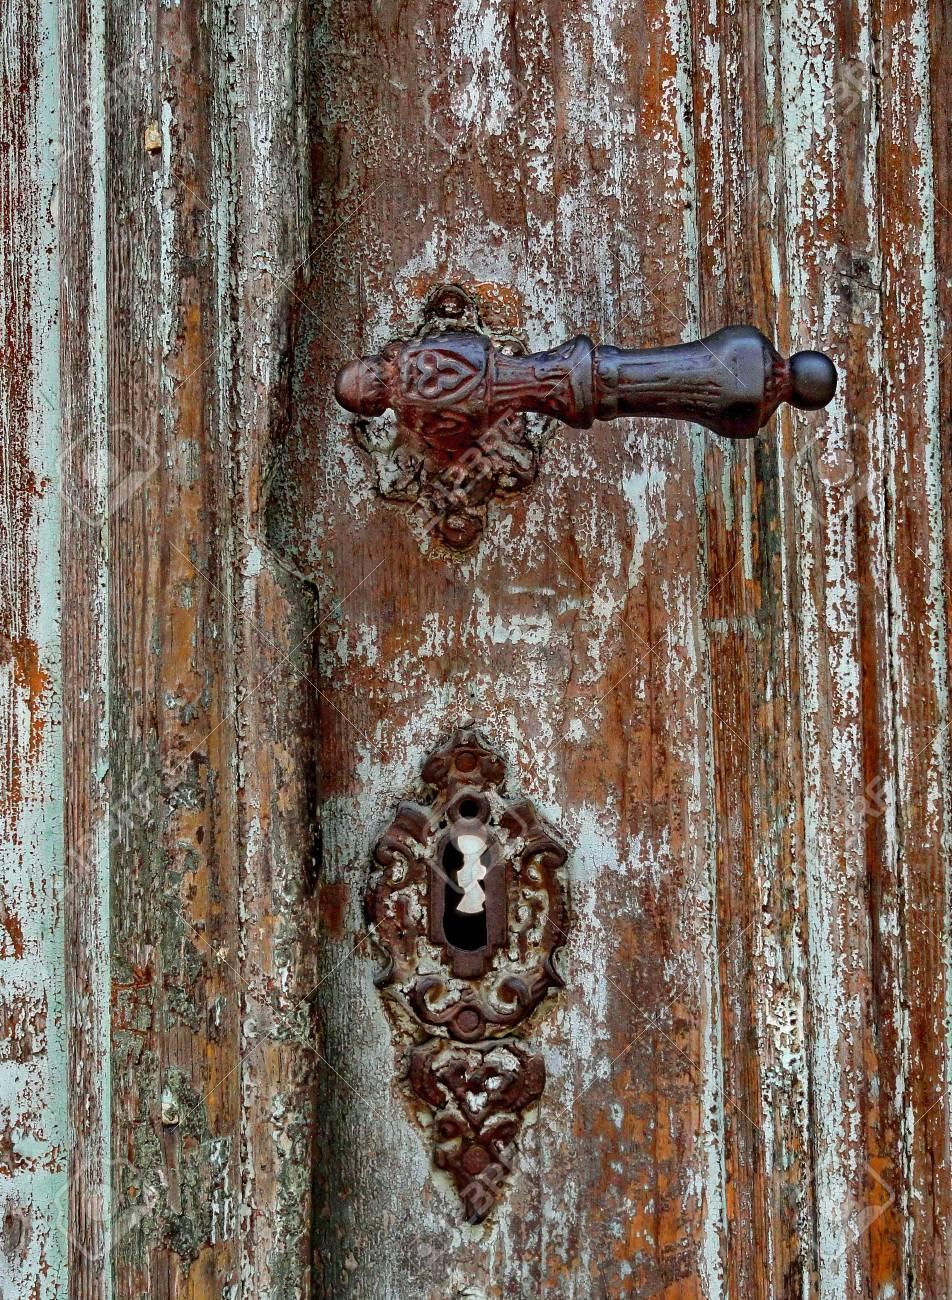 Poignee De Porte Ancienne Sur Une Ancienne Porte En Bois Et En Bois